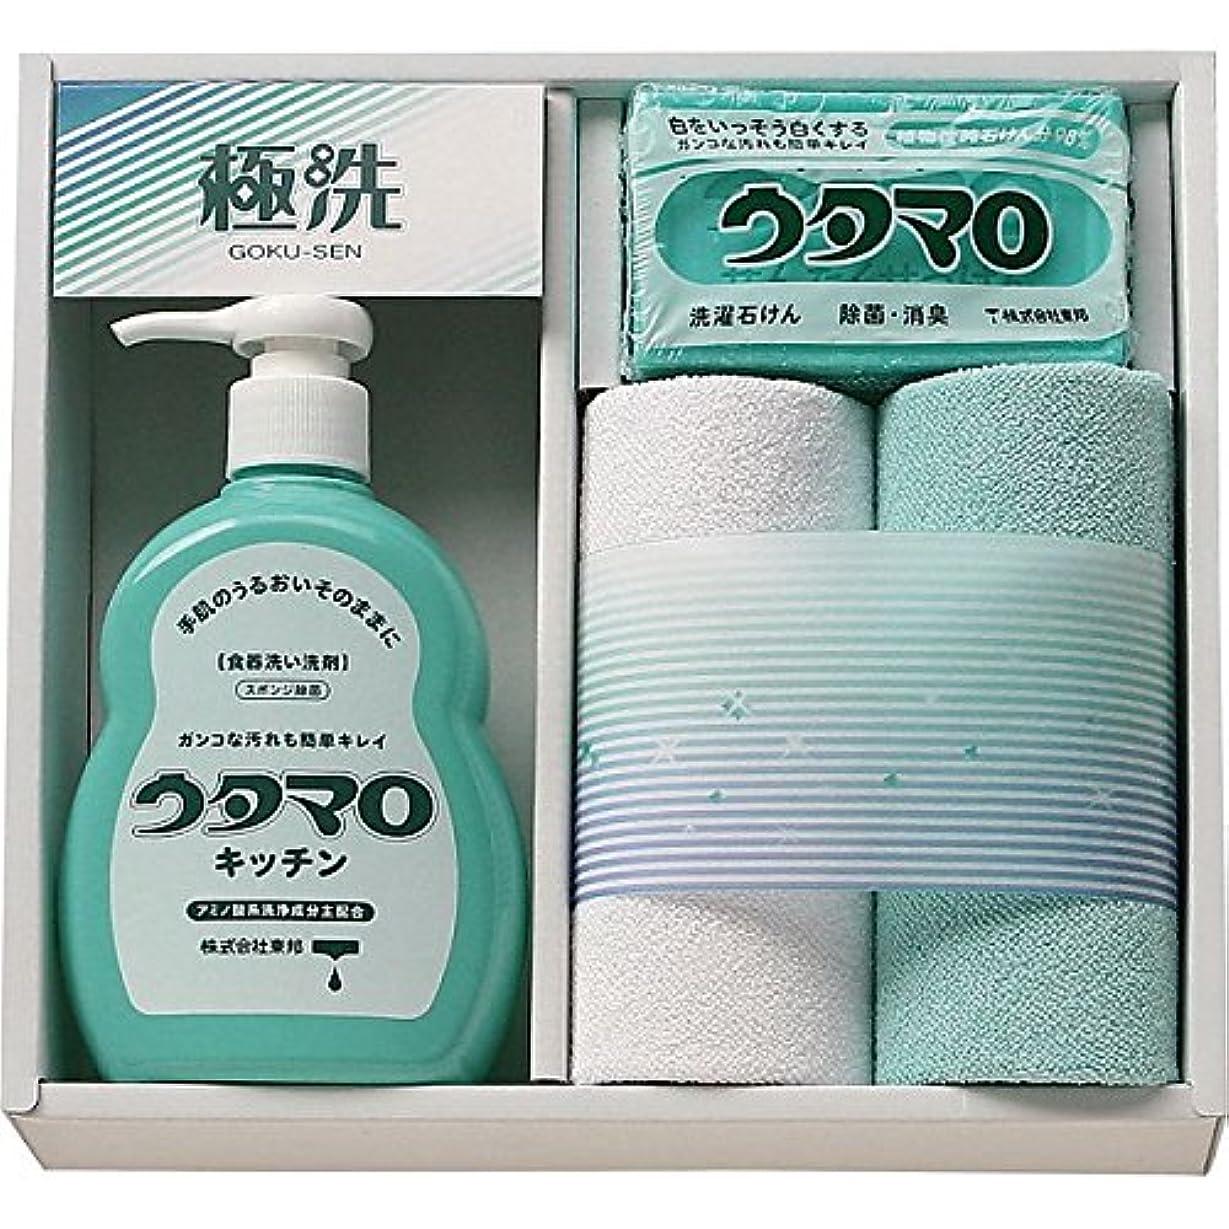 有益好意解釈する( ウタマロ ) 石鹸?キッチン洗剤ギフト ( 835-1054r )